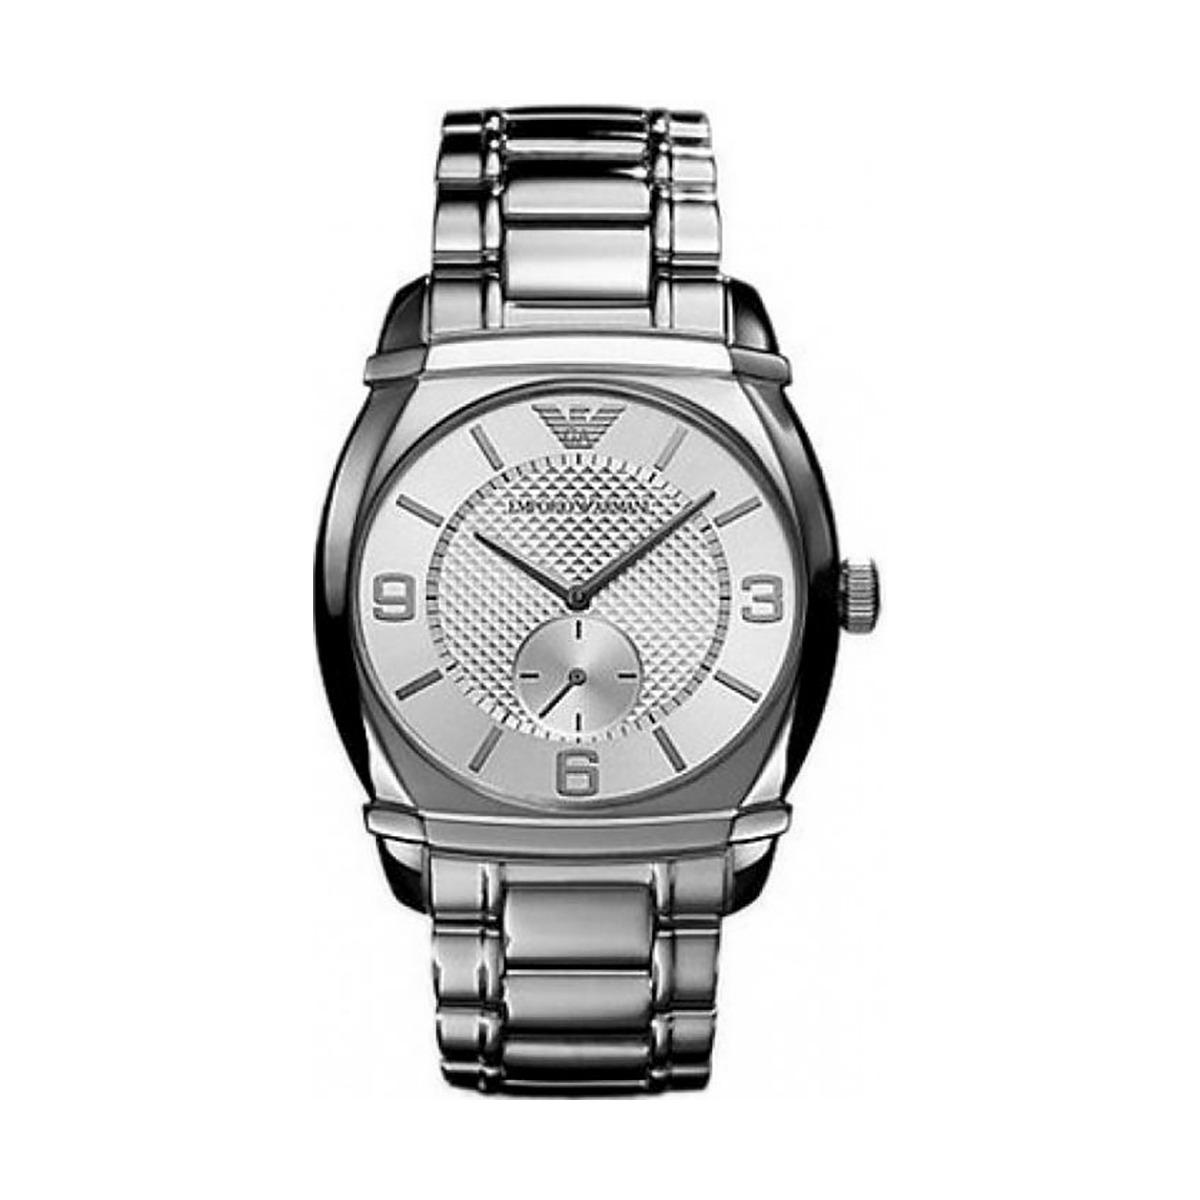 92d51fa00eea reloj emporio armani ar0345 para mujer nuevo original. Cargando zoom.